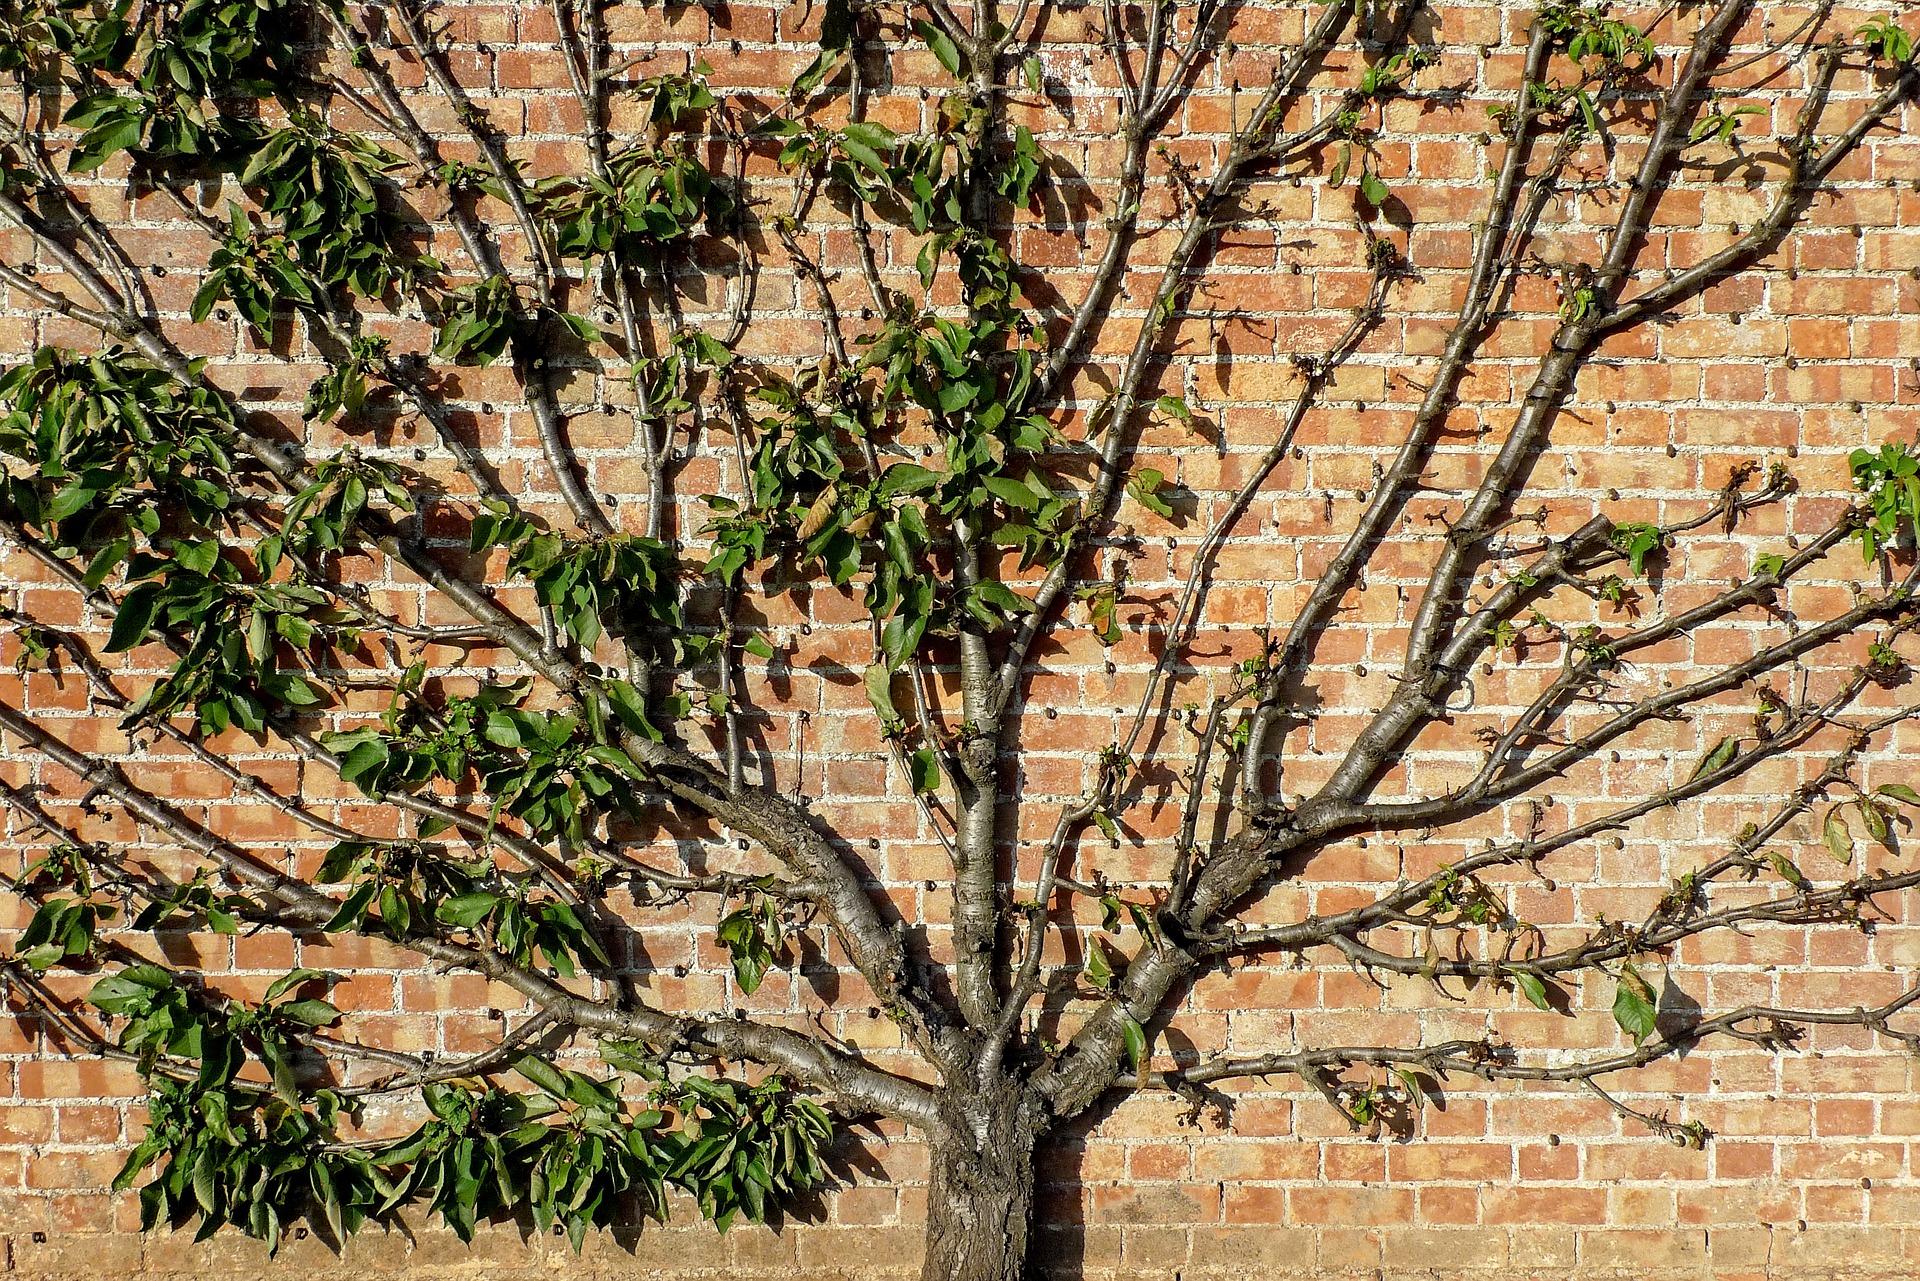 Entretien d'élagage arbre Jardinier La Main Verte